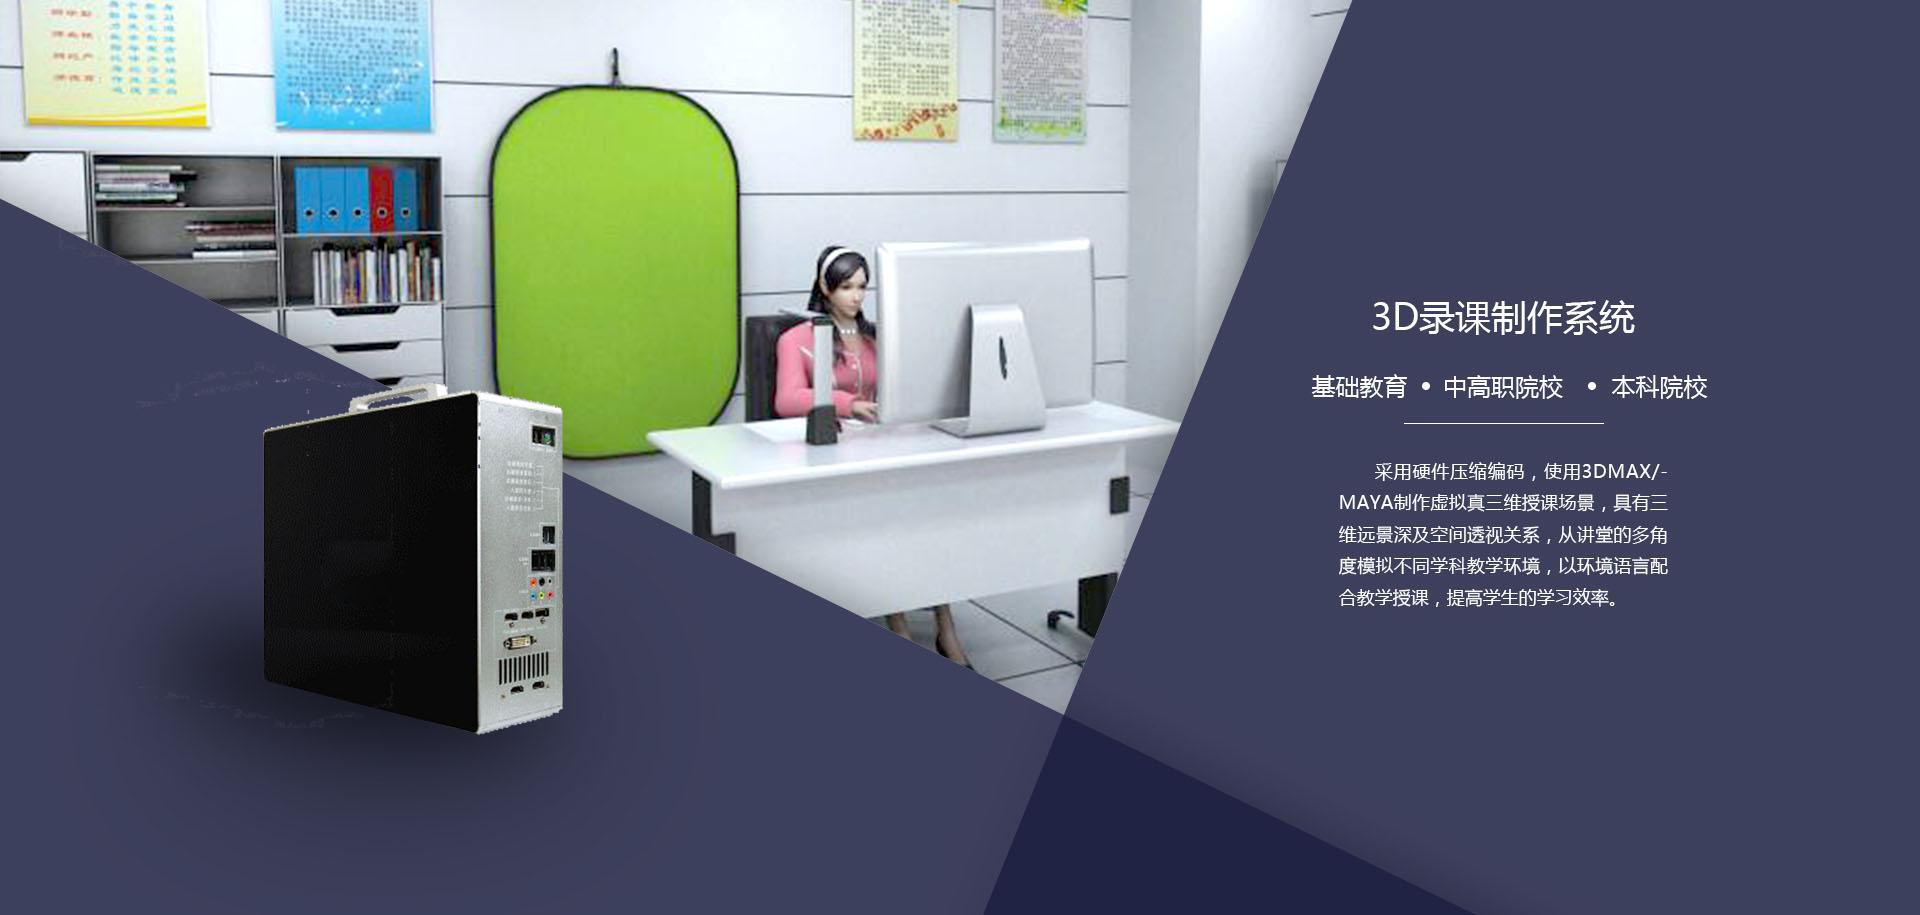 3D录课制作系统解决方案